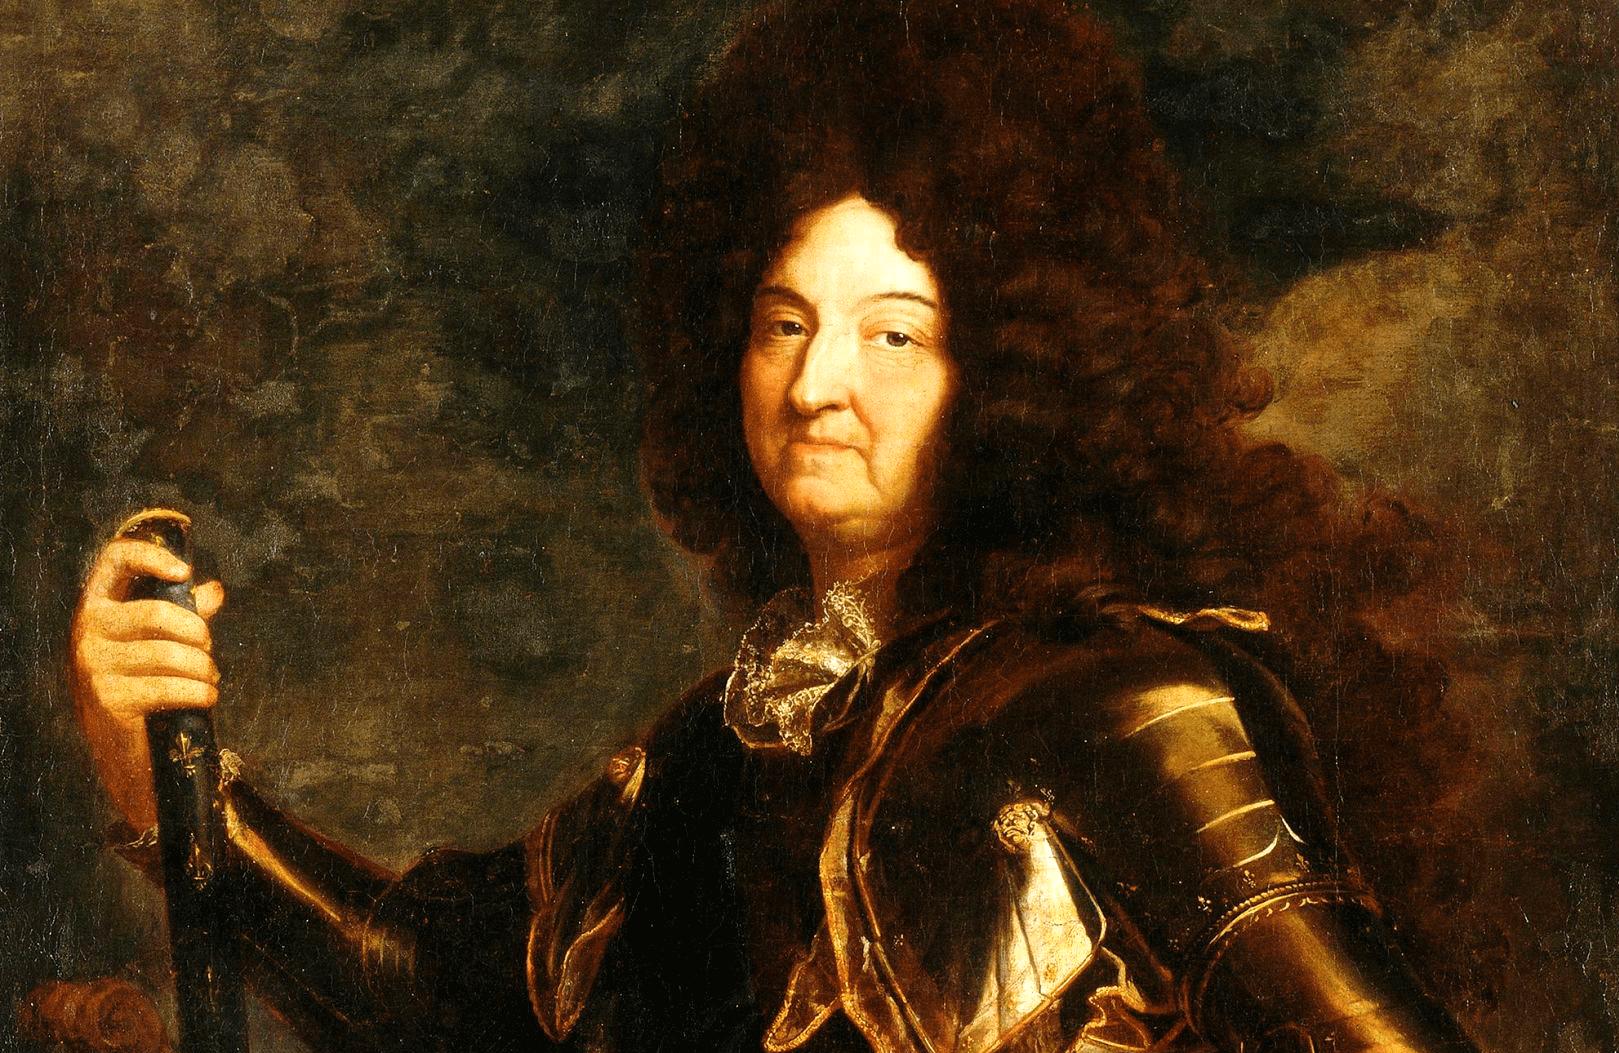 Curso EN DIFERIDO – Historia de Europa V: La Europa Barroca, hacia el dominio de Luis XIV (Oct 12/21)